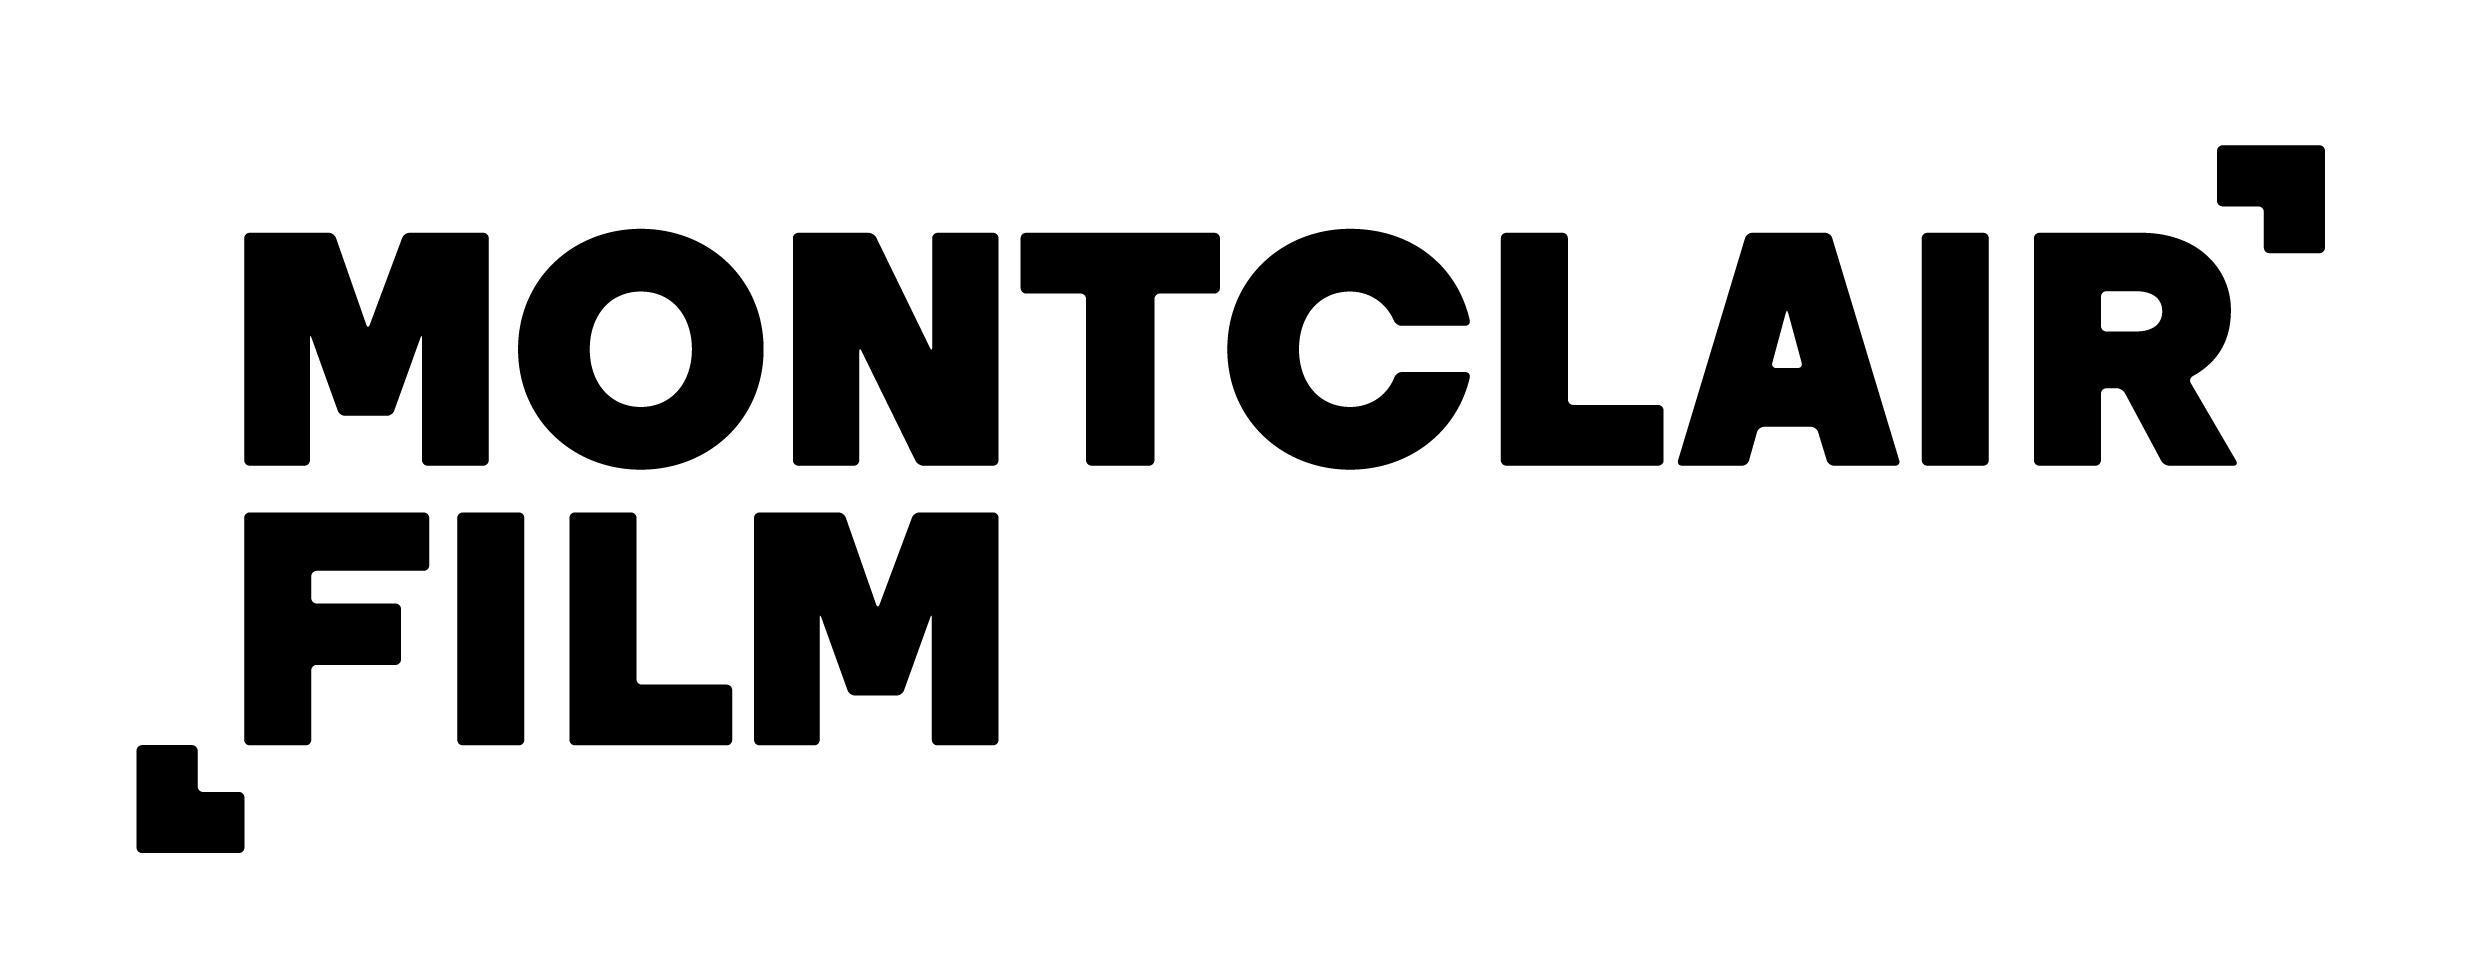 Montclair Film company logo